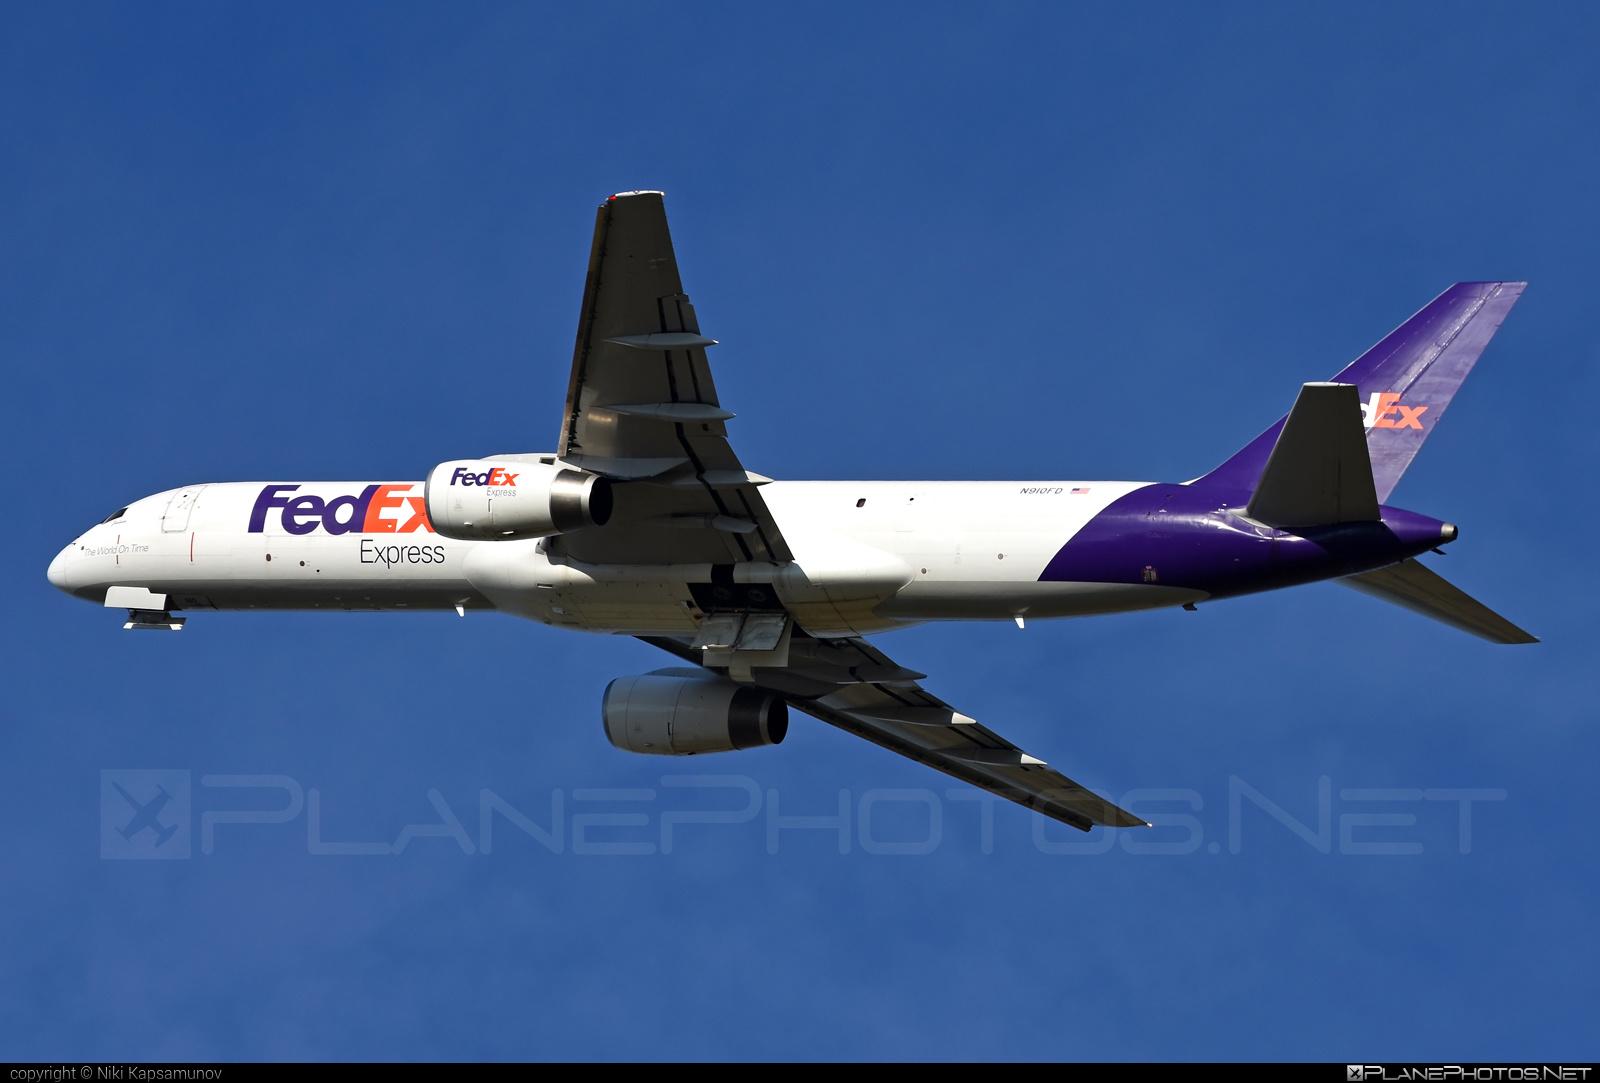 Boeing 757-200SF - N910FD operated by FedEx Express #b757 #boeing #boeing757 #fedex #fedexairlines #fedexexpress